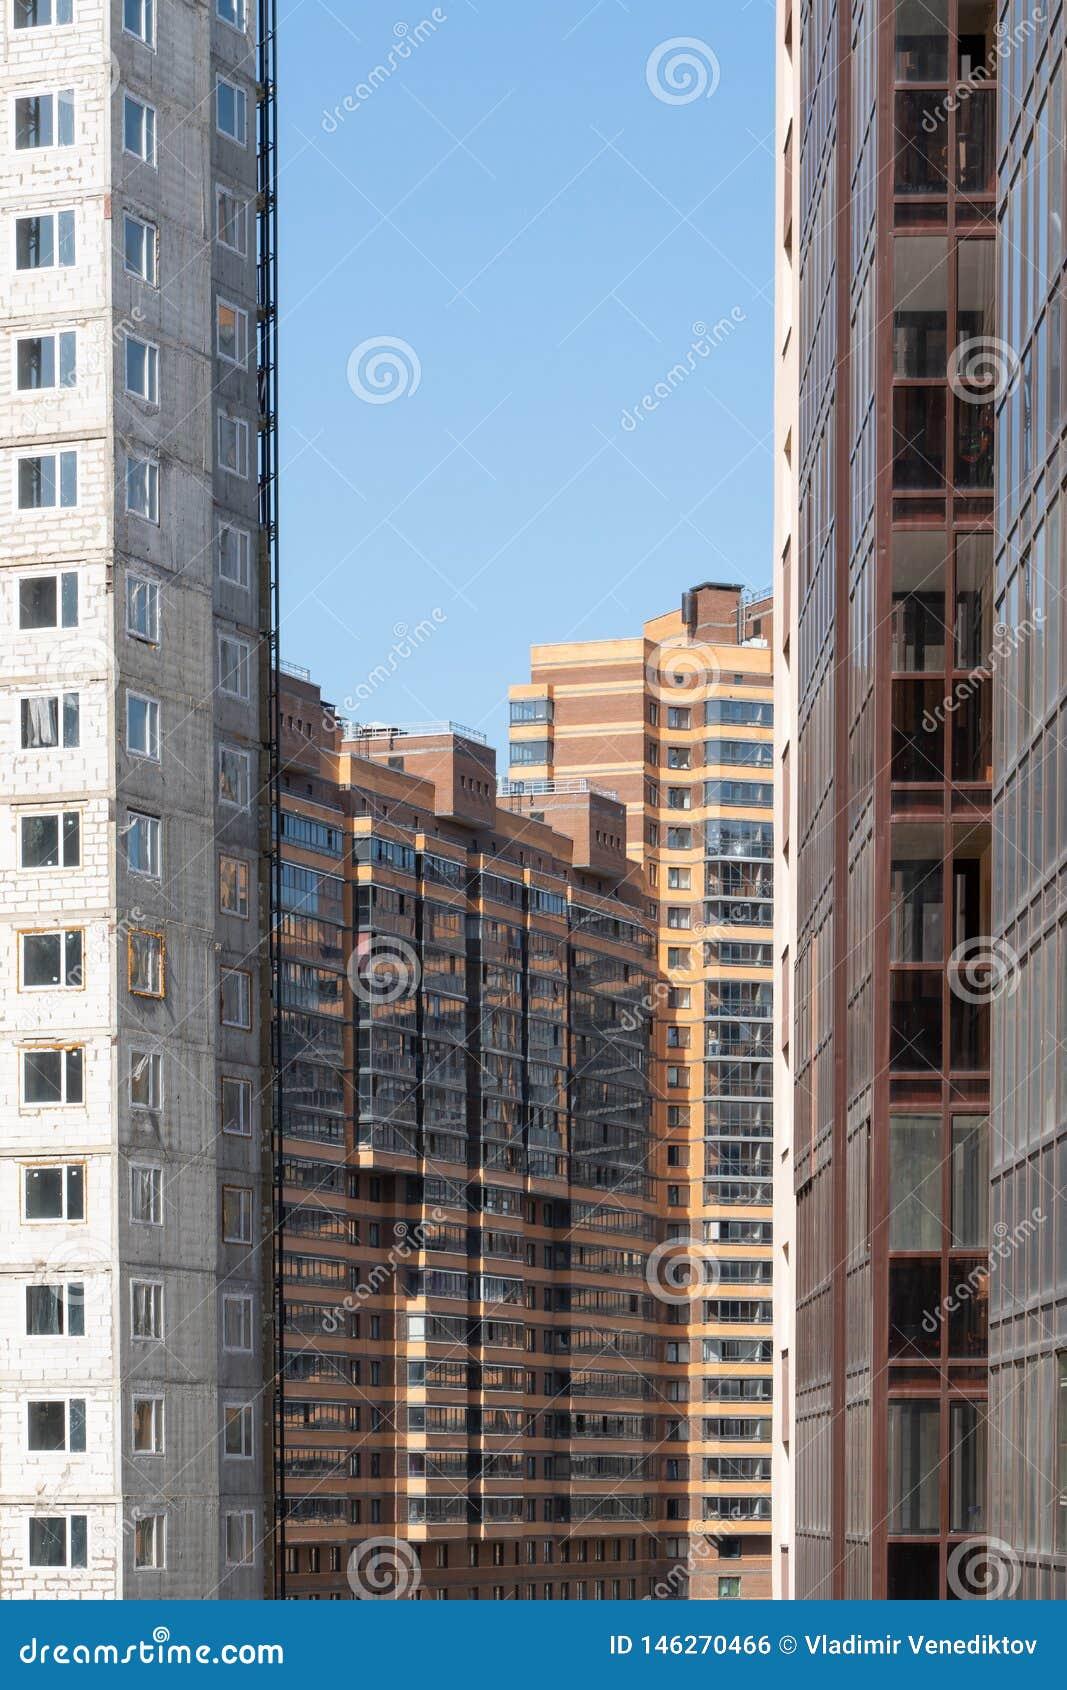 Fachada de un nuevo edificio residencial de varios pisos arquitectura de la ciudad moderna